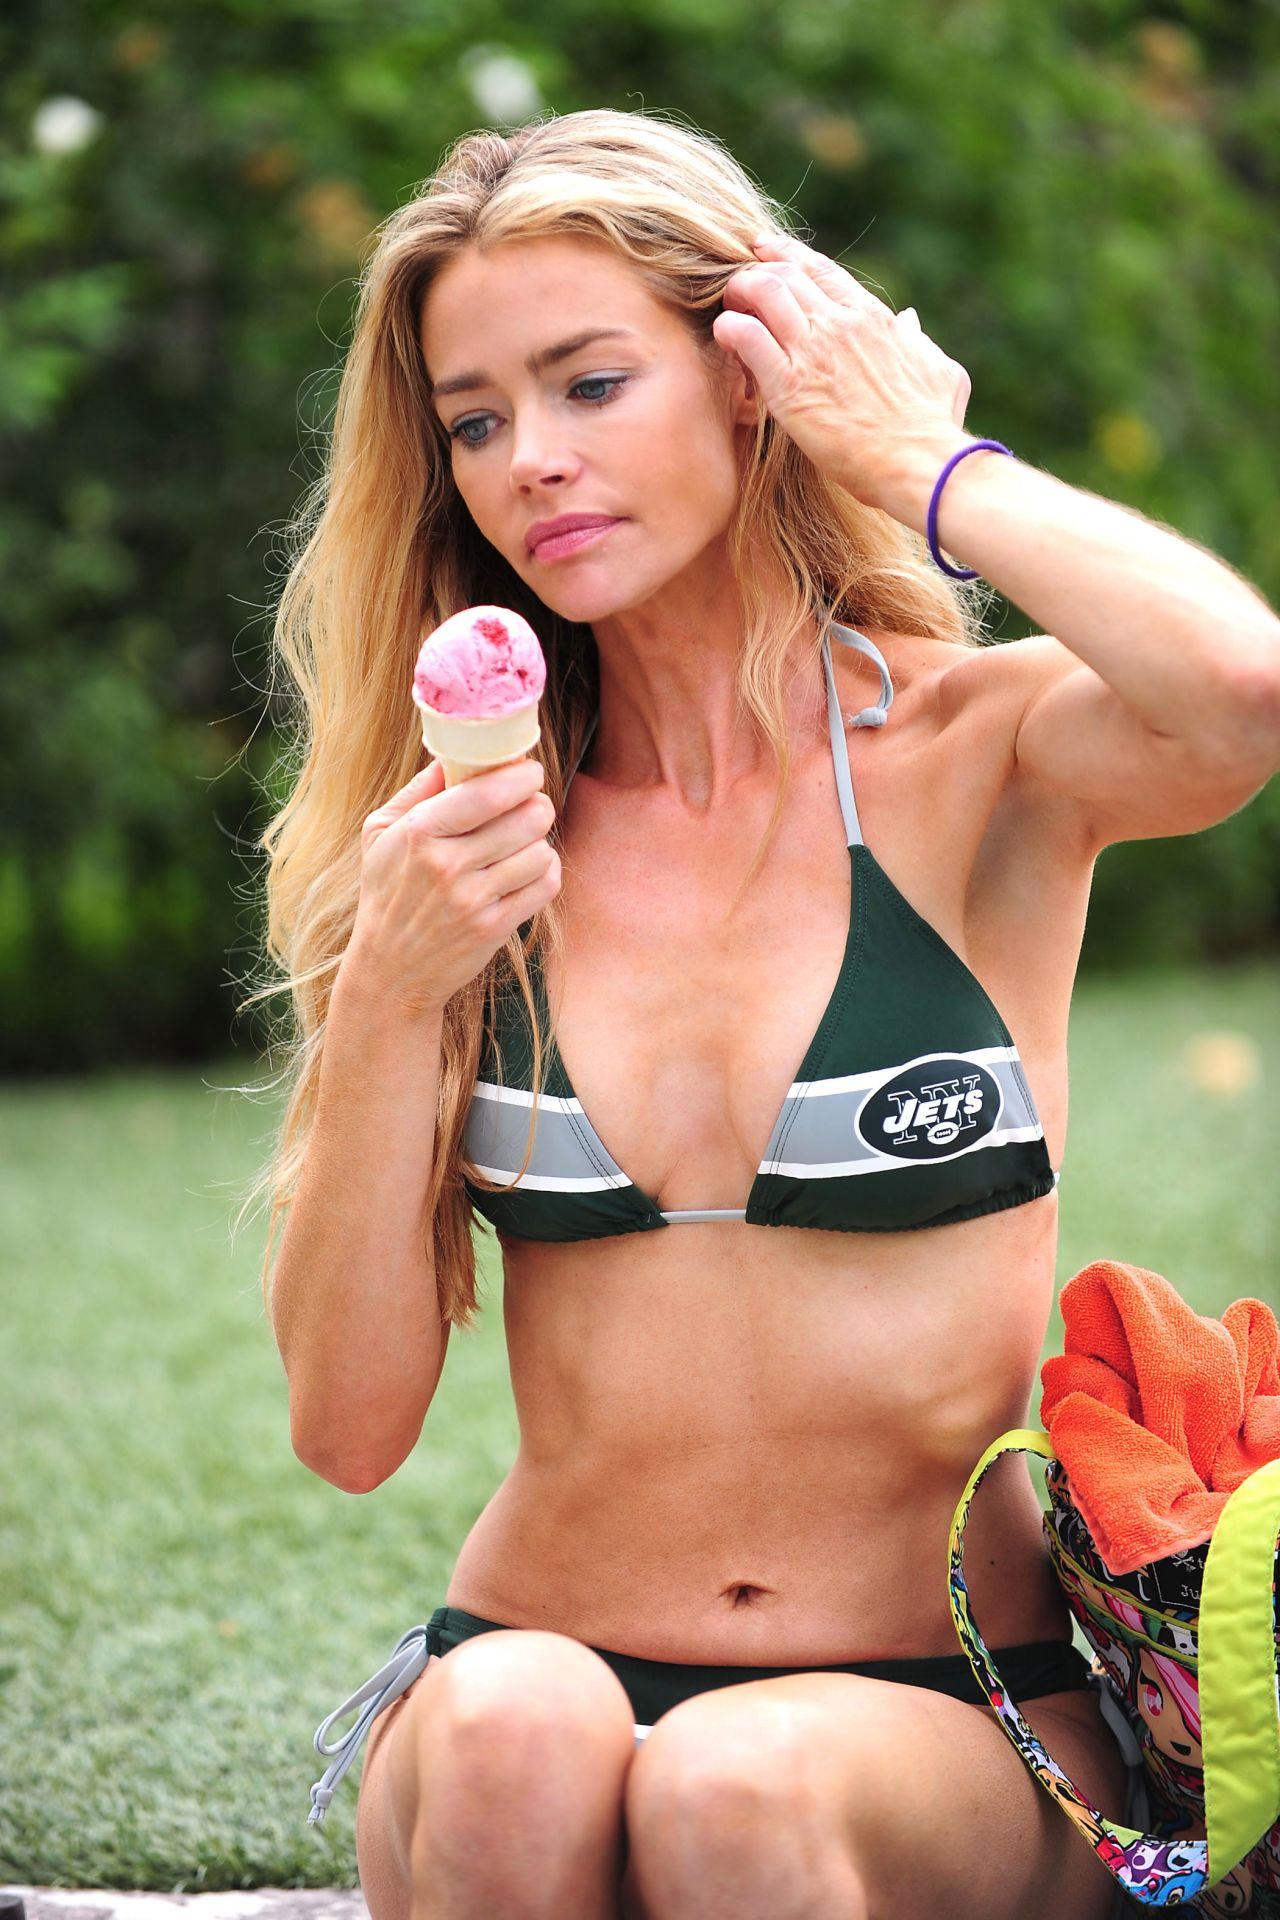 Bikini Licking 57